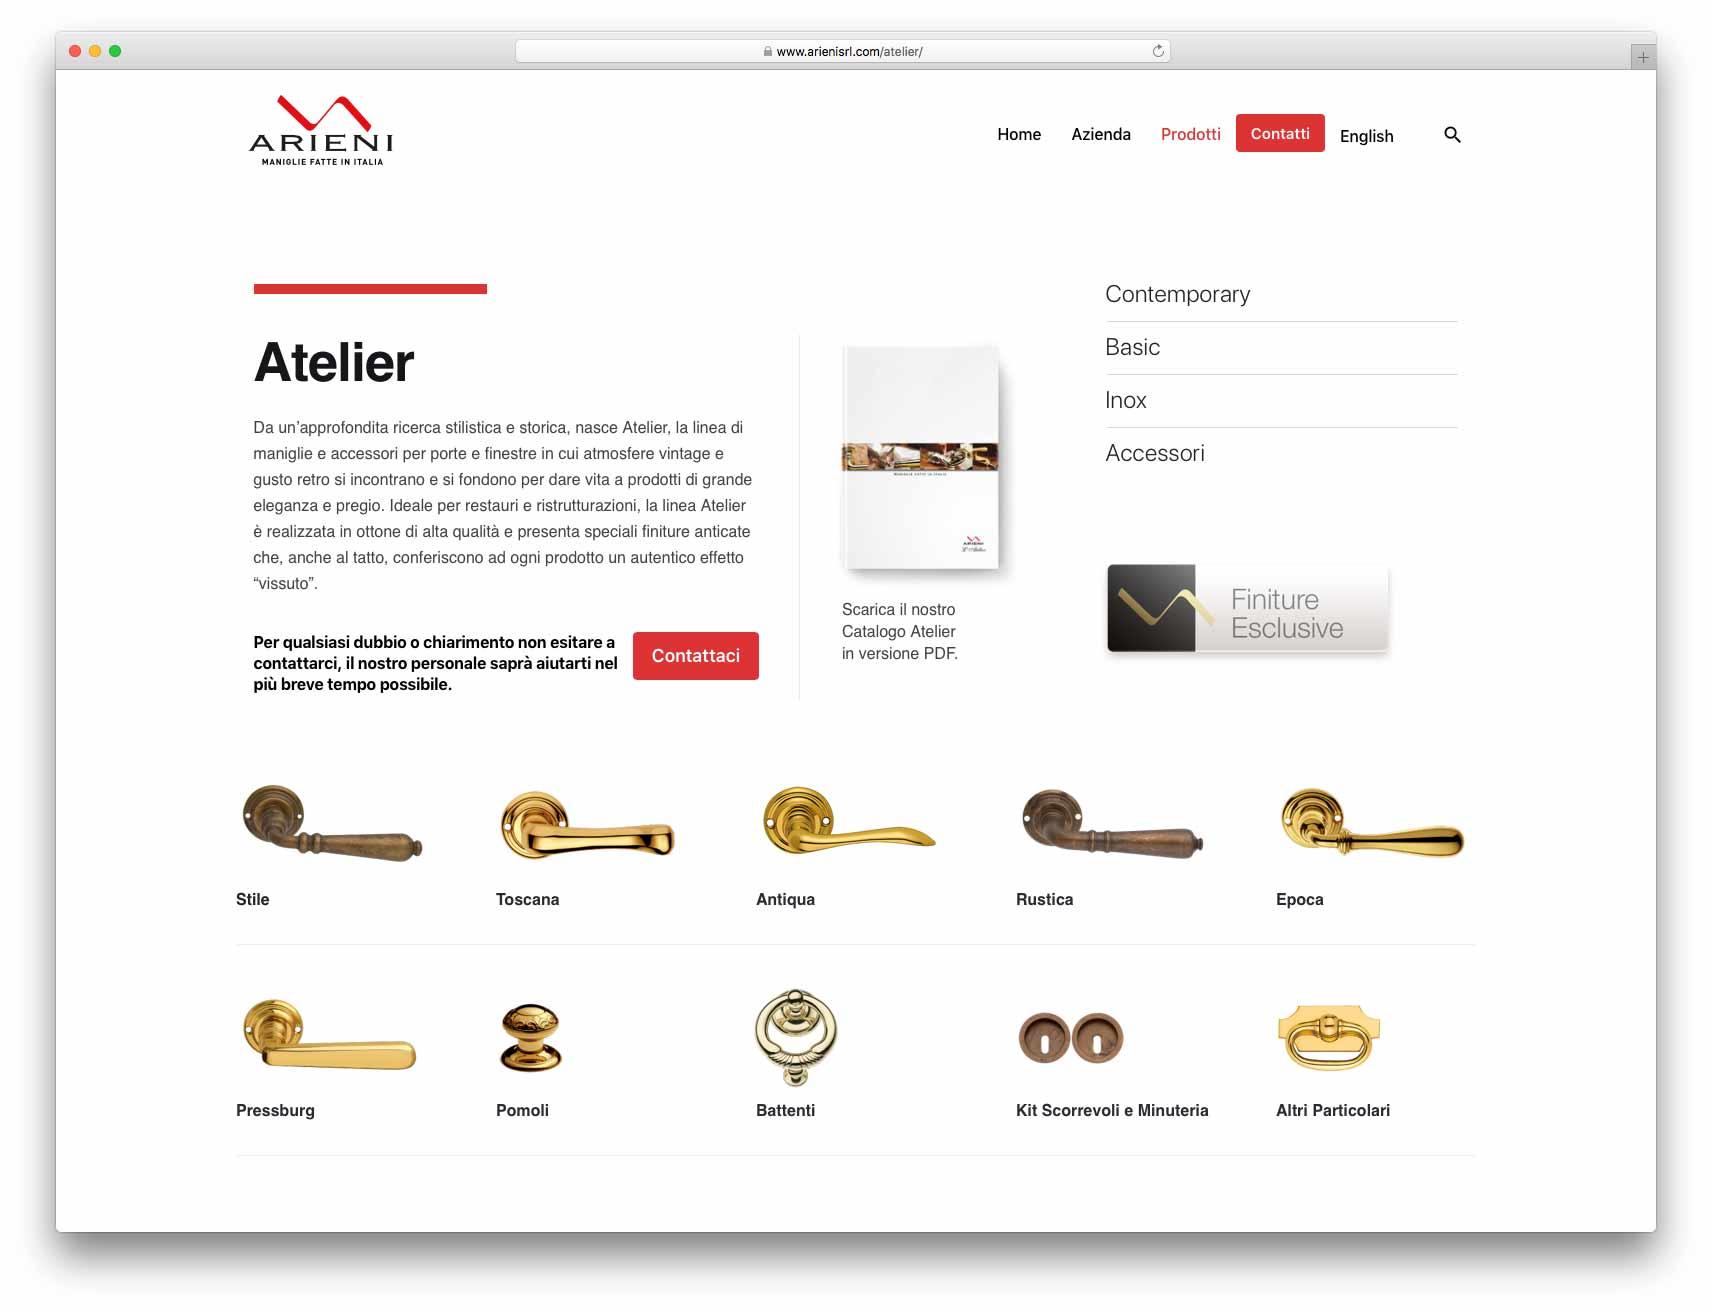 creazione siti web brescia - Agenzia P - sito web Arieni